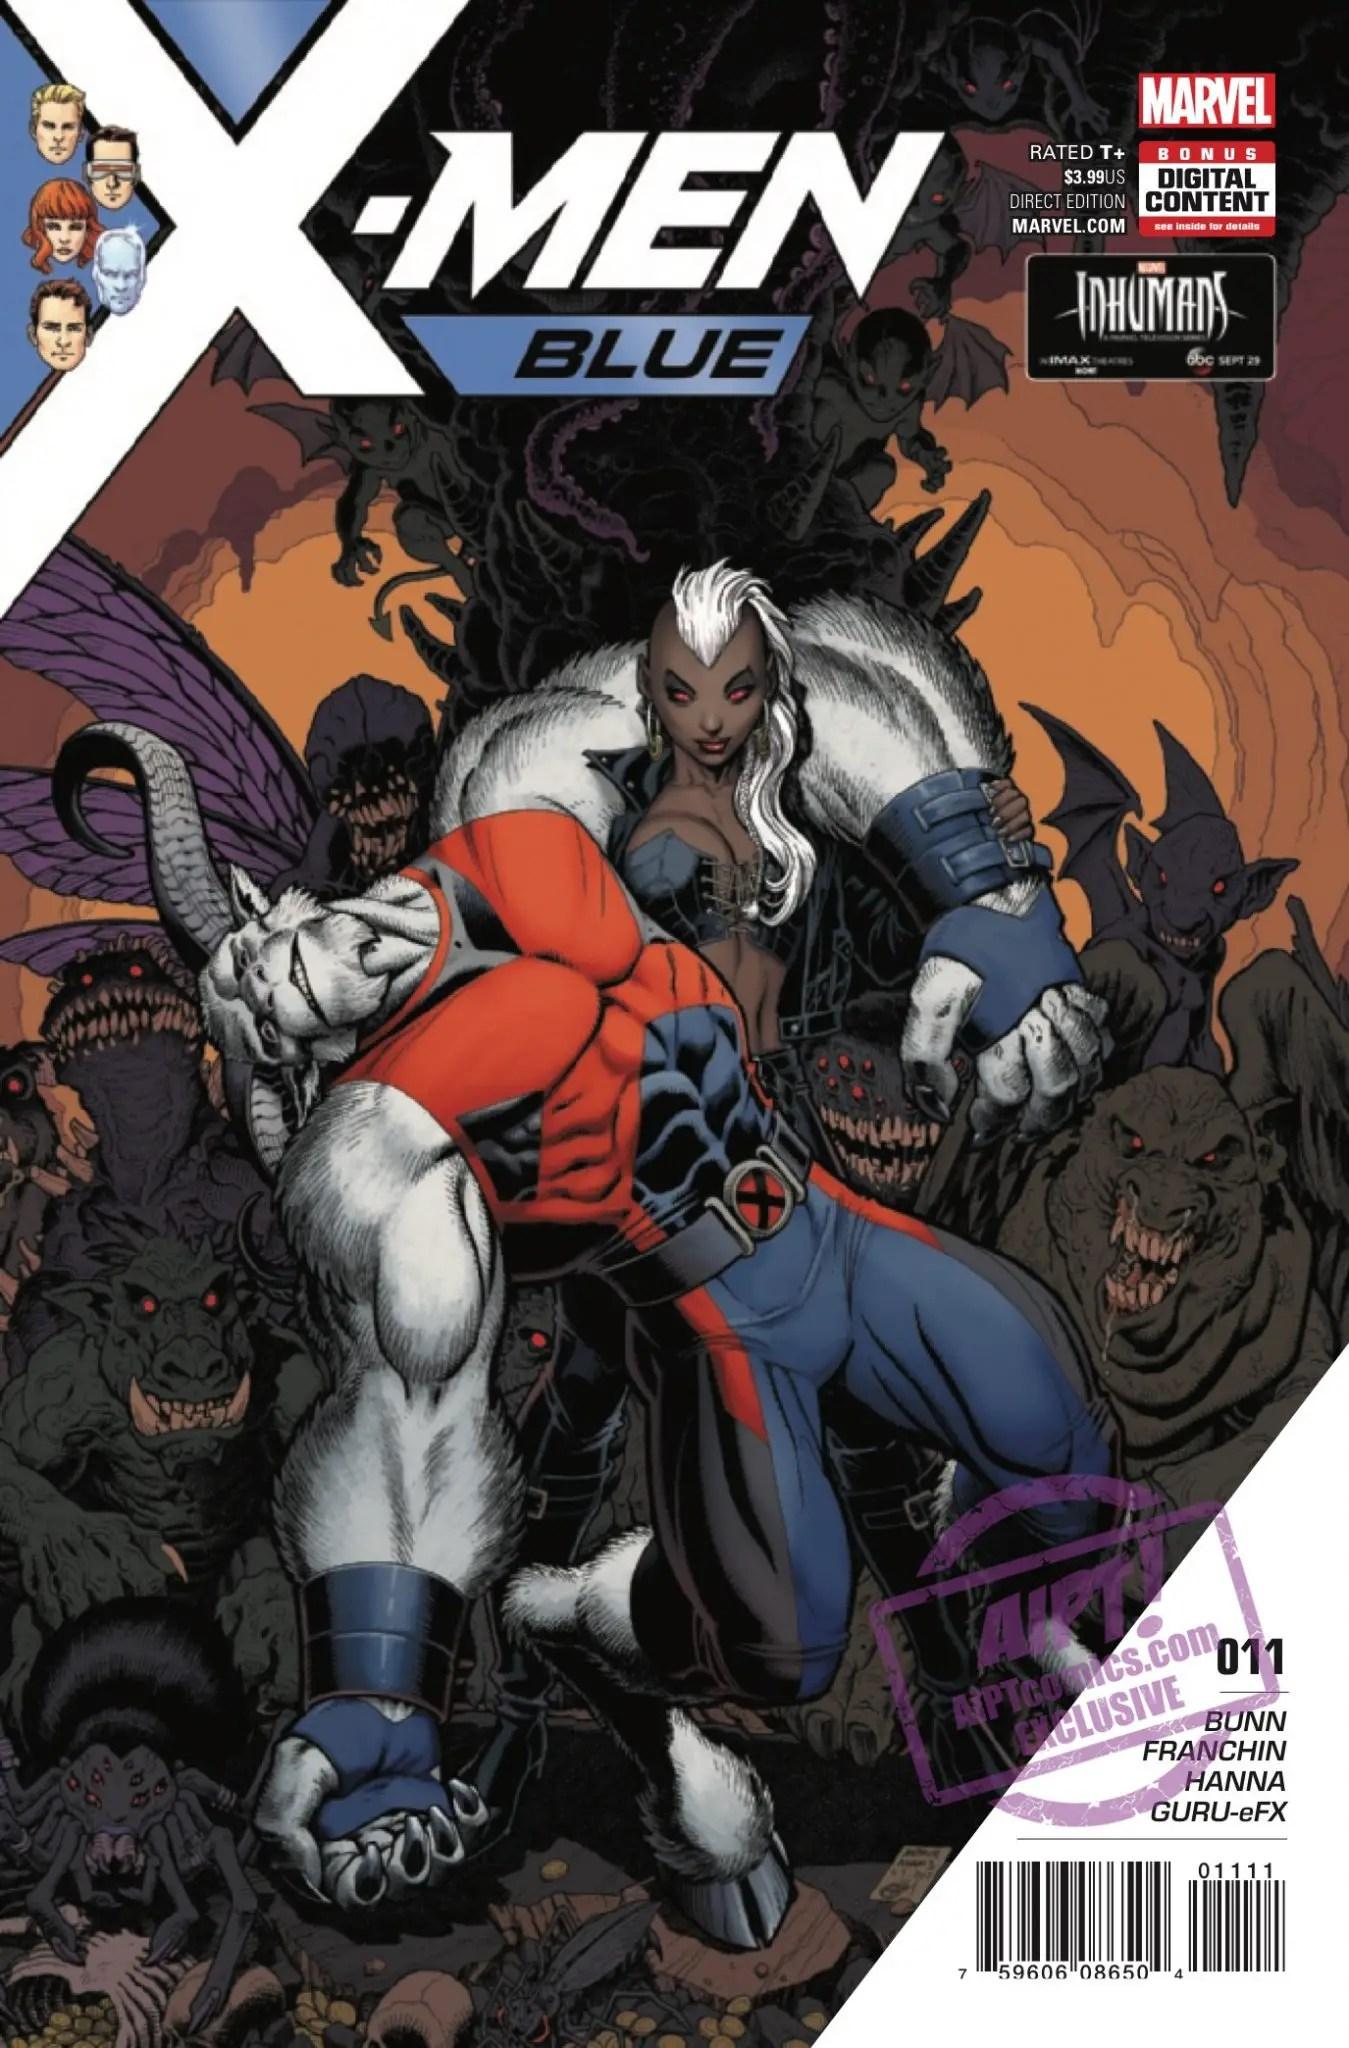 X-Men: Blue #11 Review